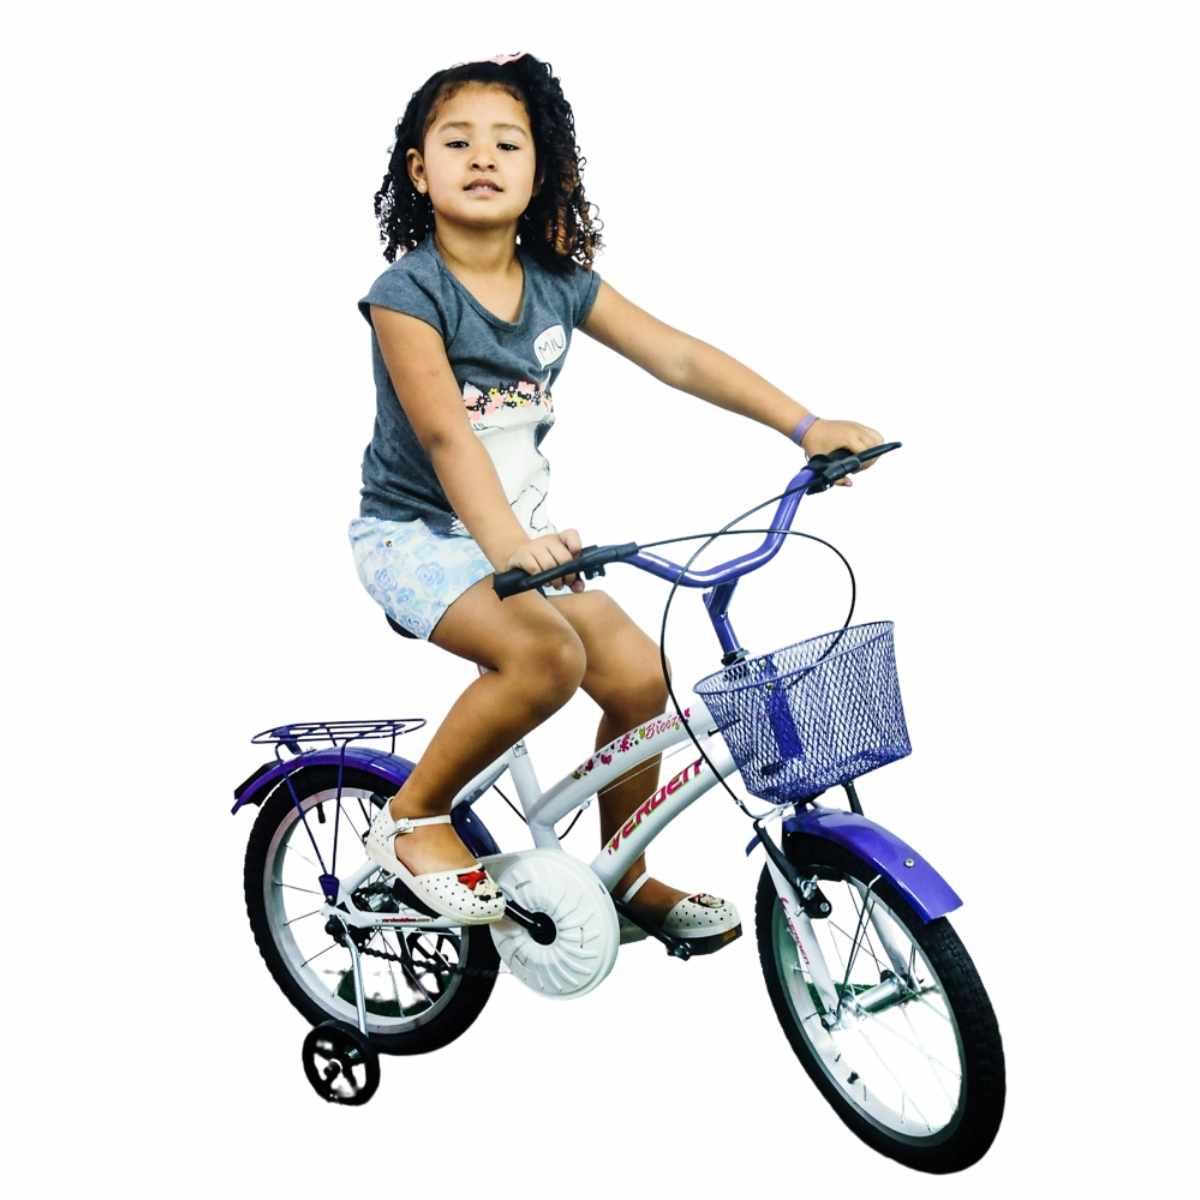 Bicicleta Infantil Breeze lilás Aro 16 com rodinha